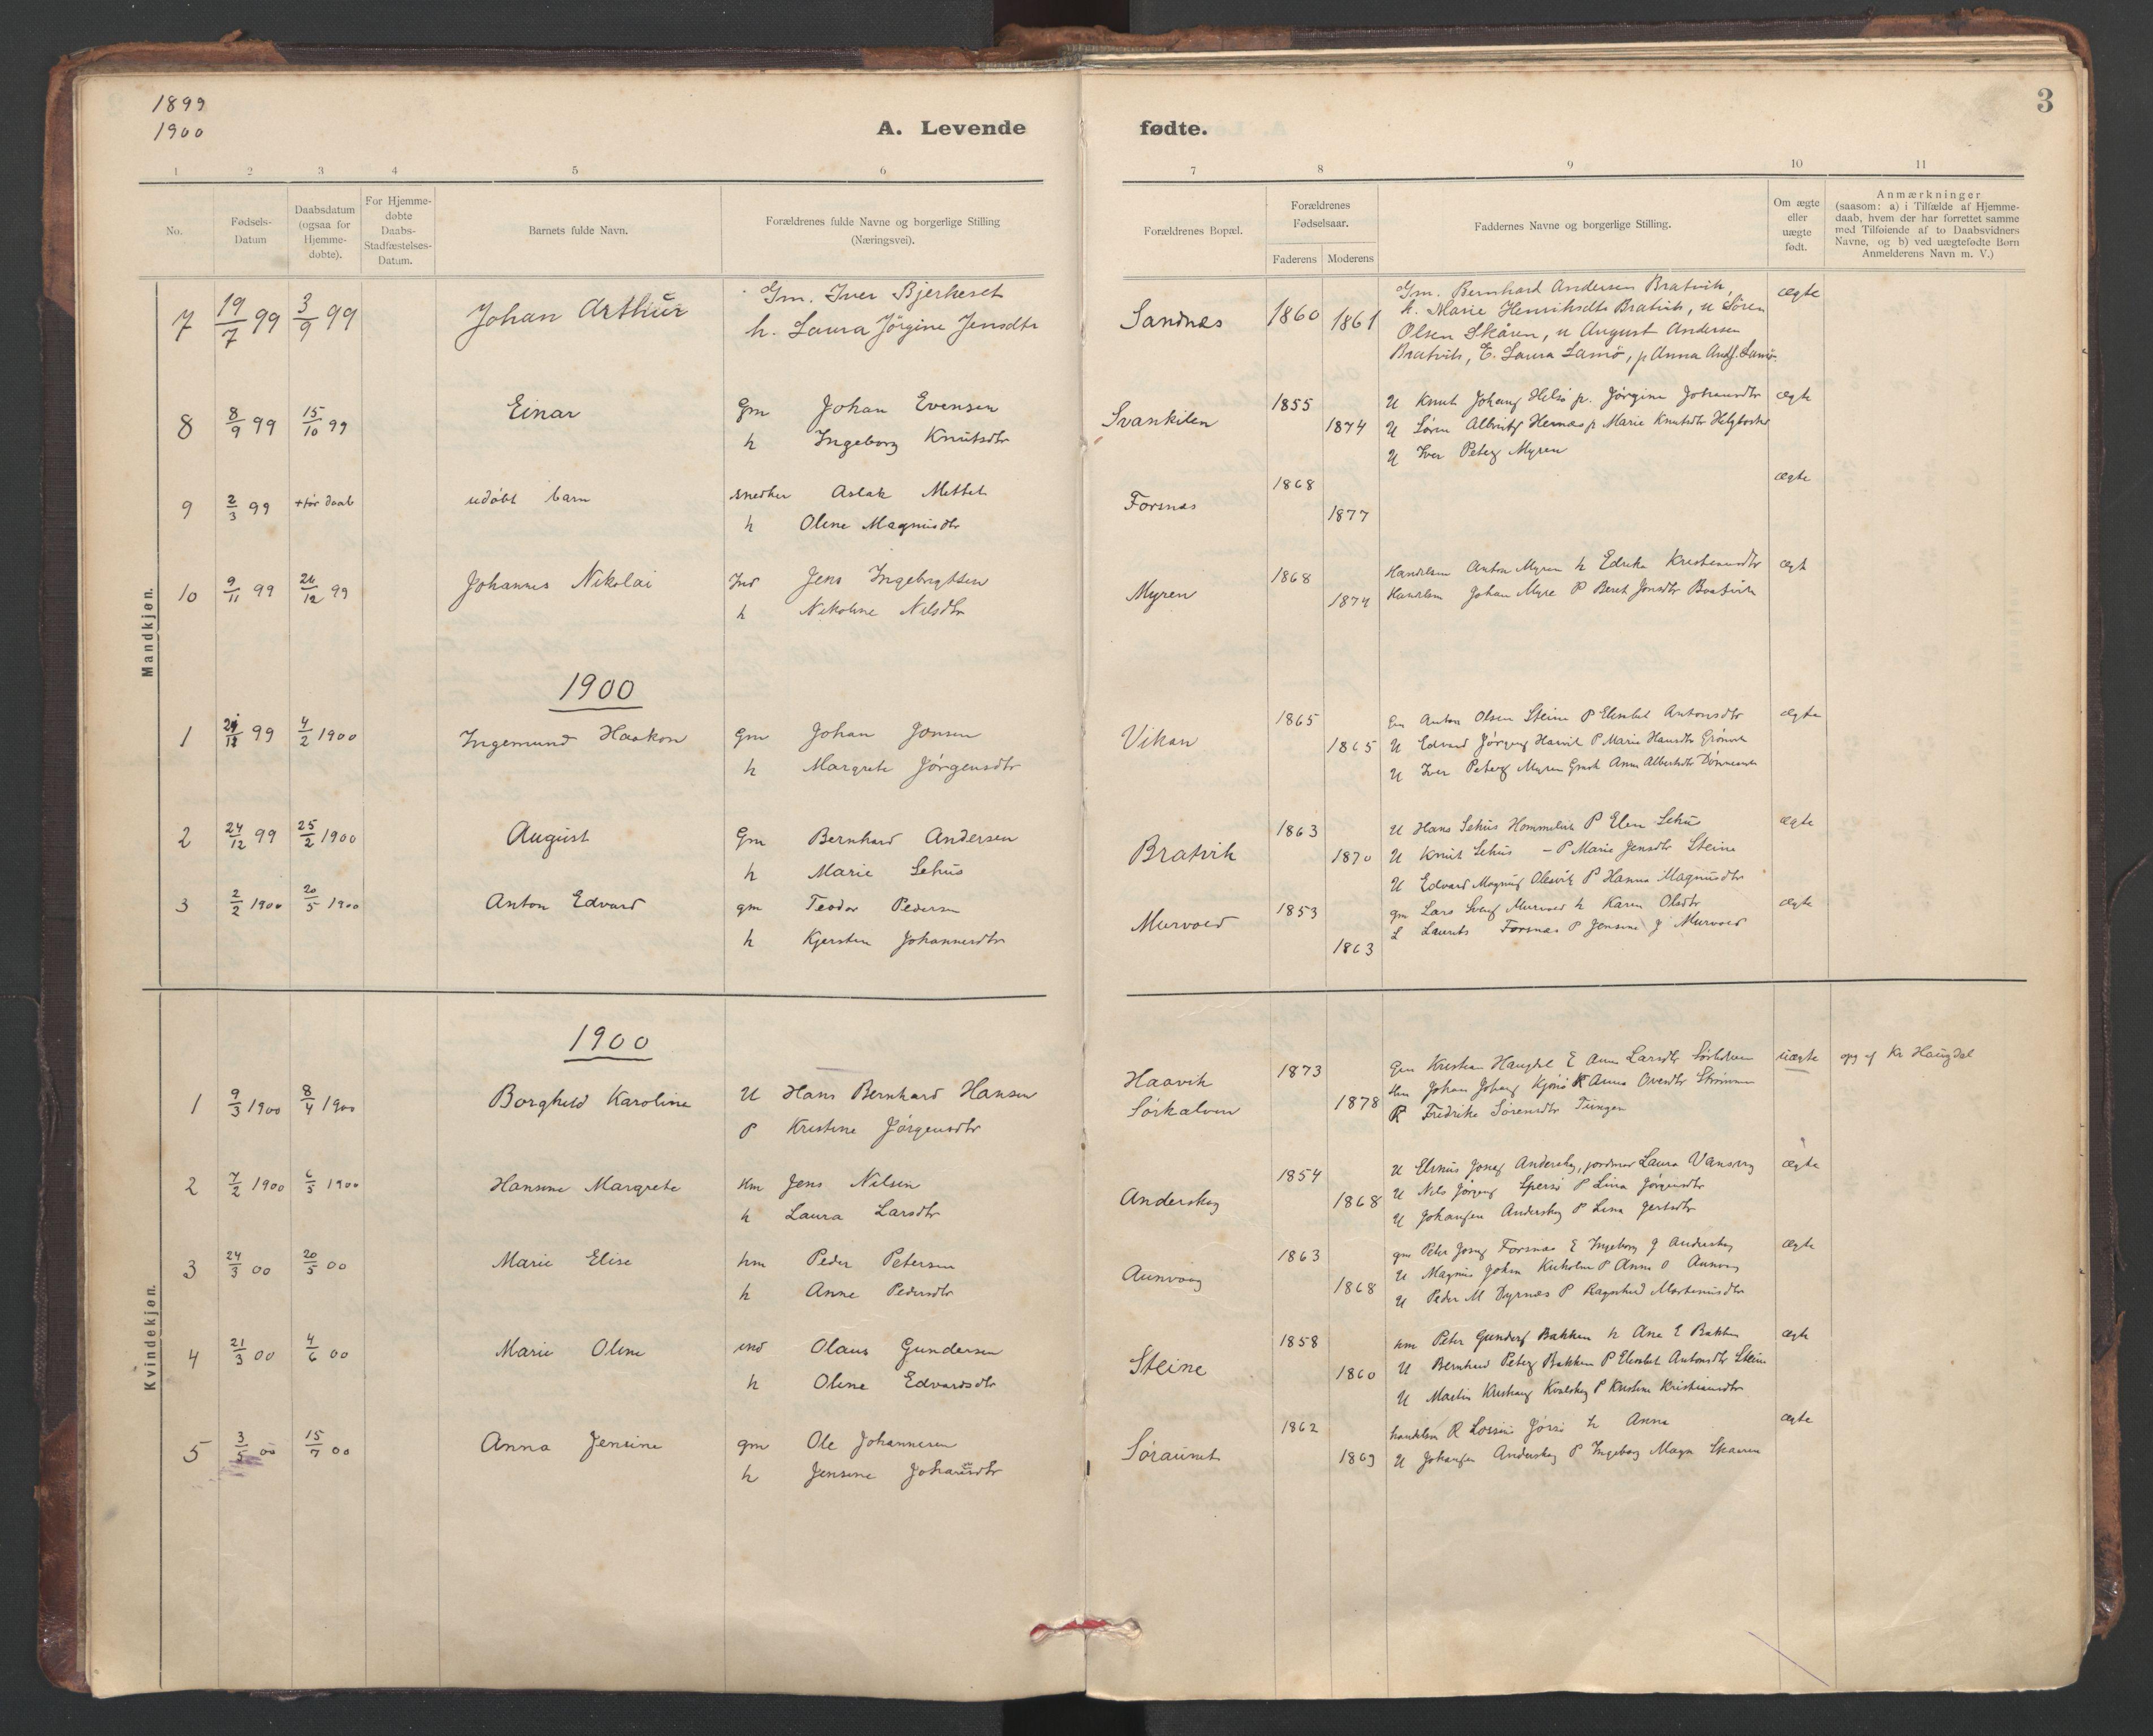 SAT, Ministerialprotokoller, klokkerbøker og fødselsregistre - Sør-Trøndelag, 635/L0552: Ministerialbok nr. 635A02, 1899-1919, s. 3